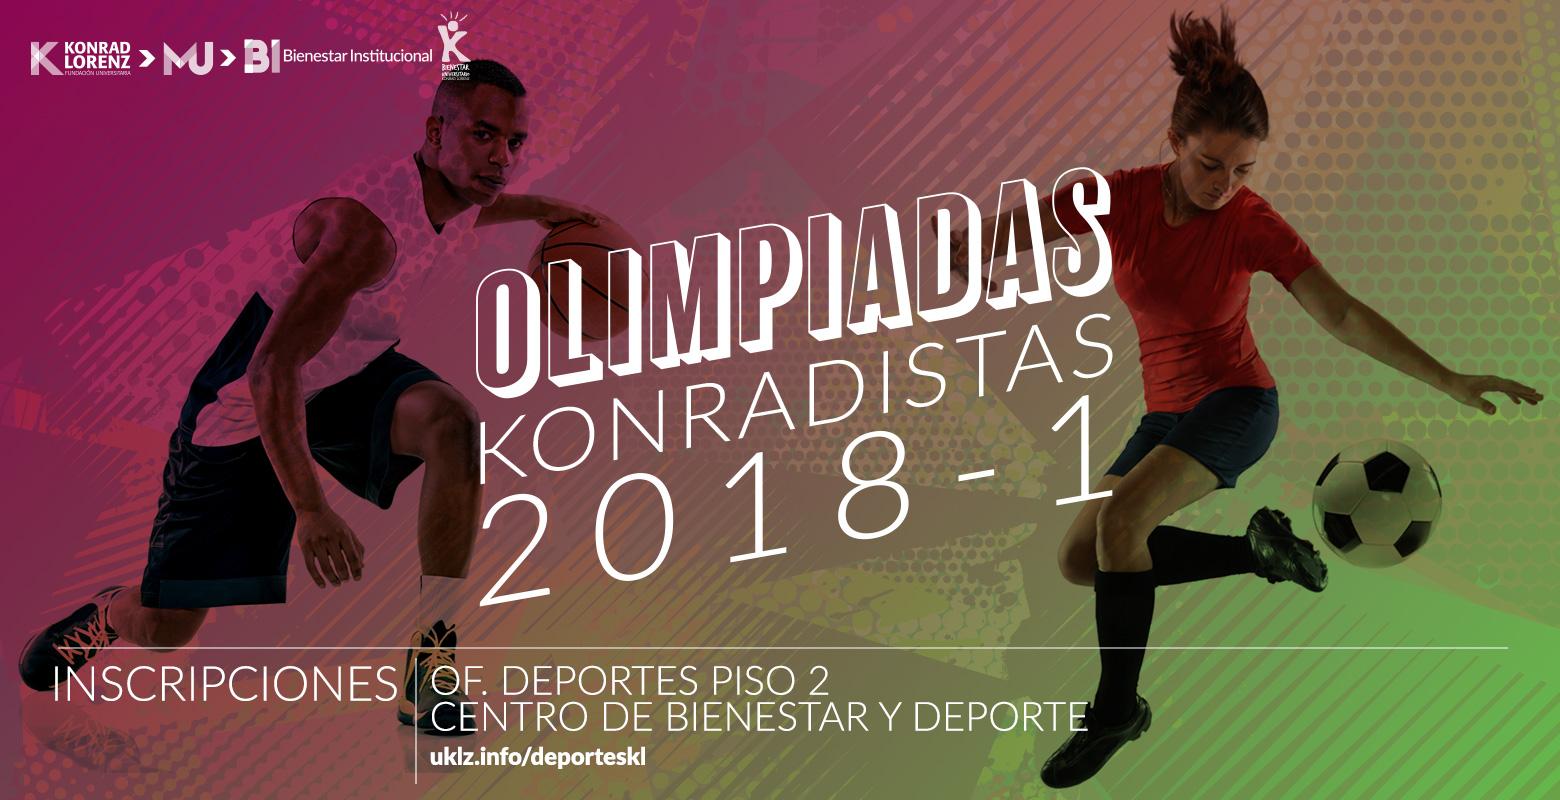 Olimpiadas Konradistas 2018-1